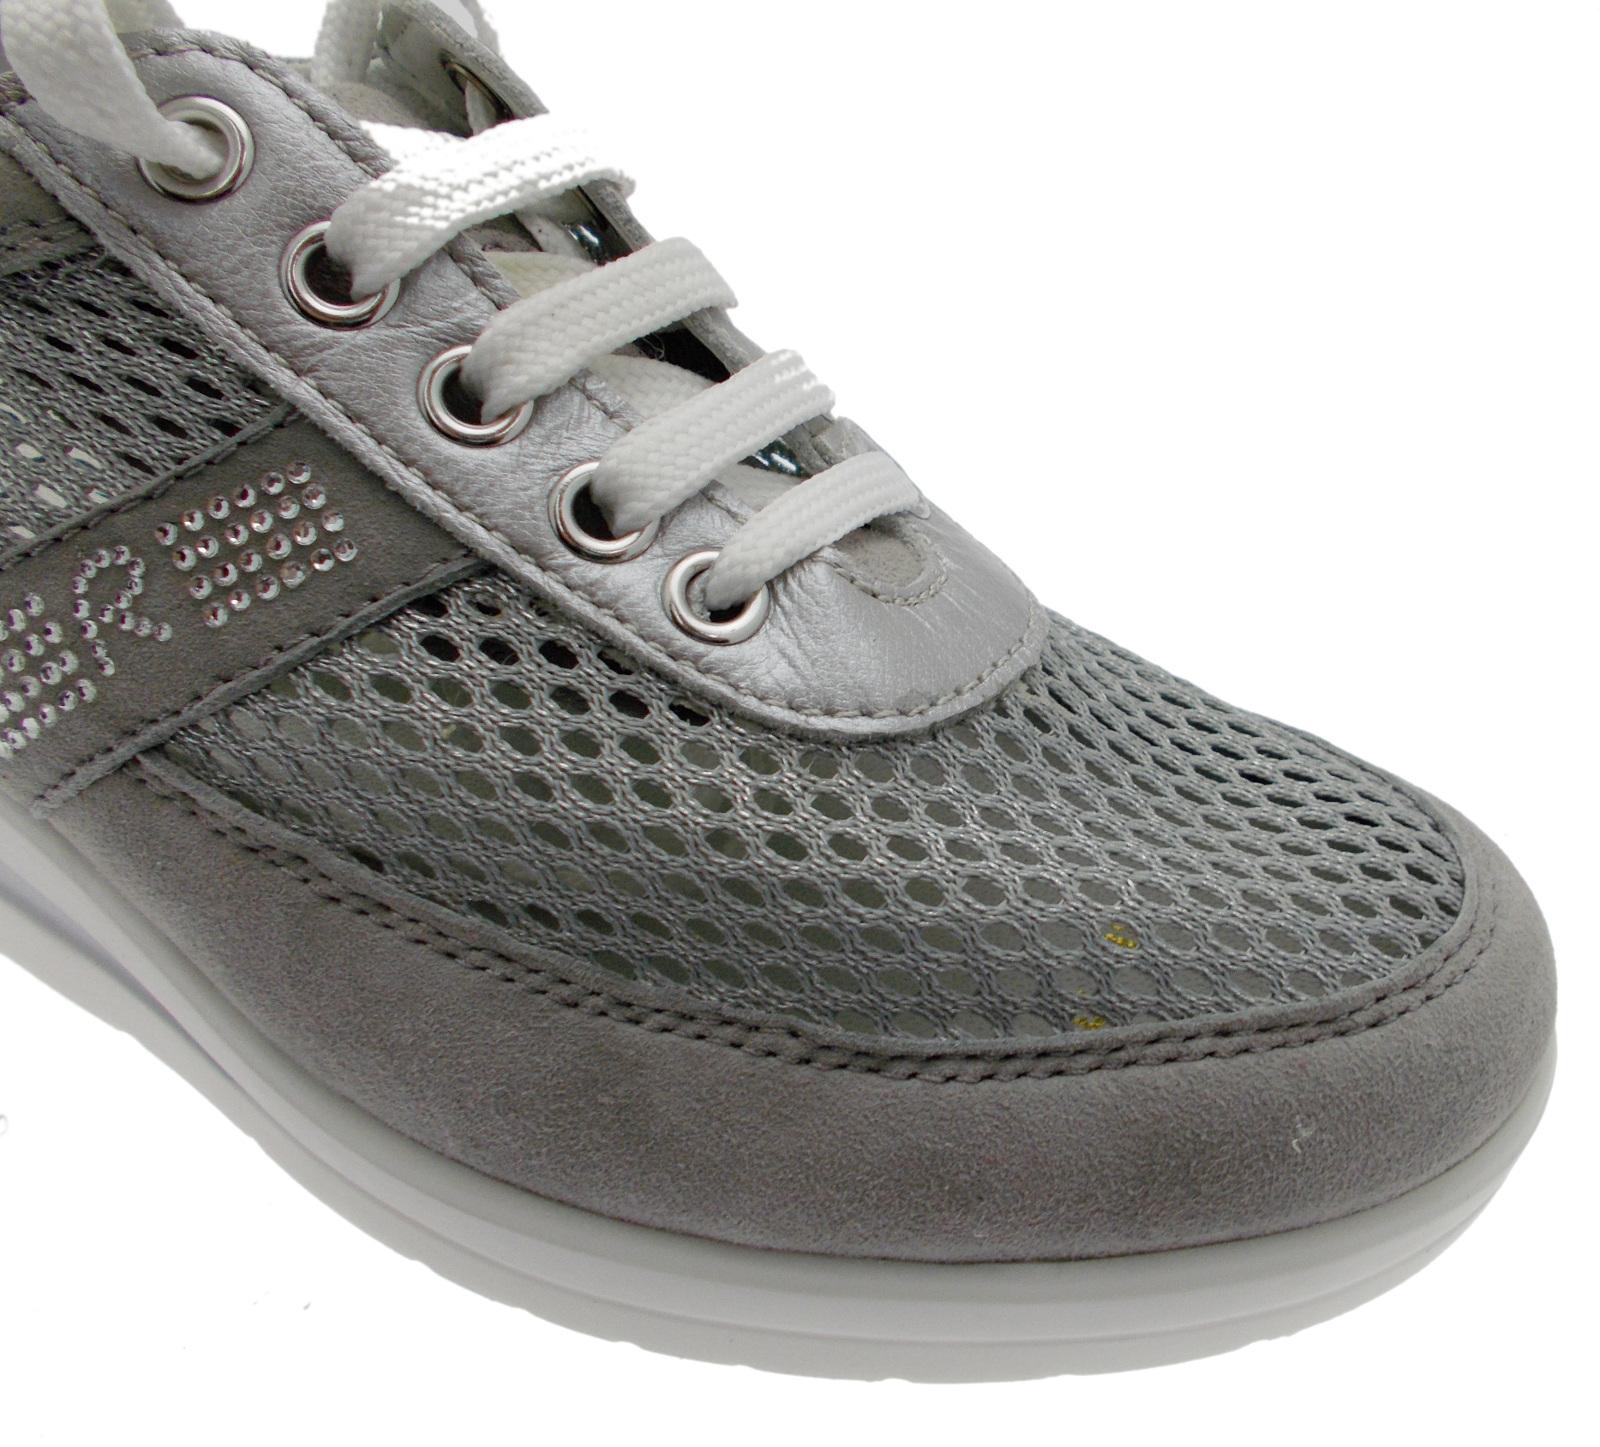 lacci grigio zeppa art 75850 scarpa donna donna scarpa plantare rete Riposella 050861